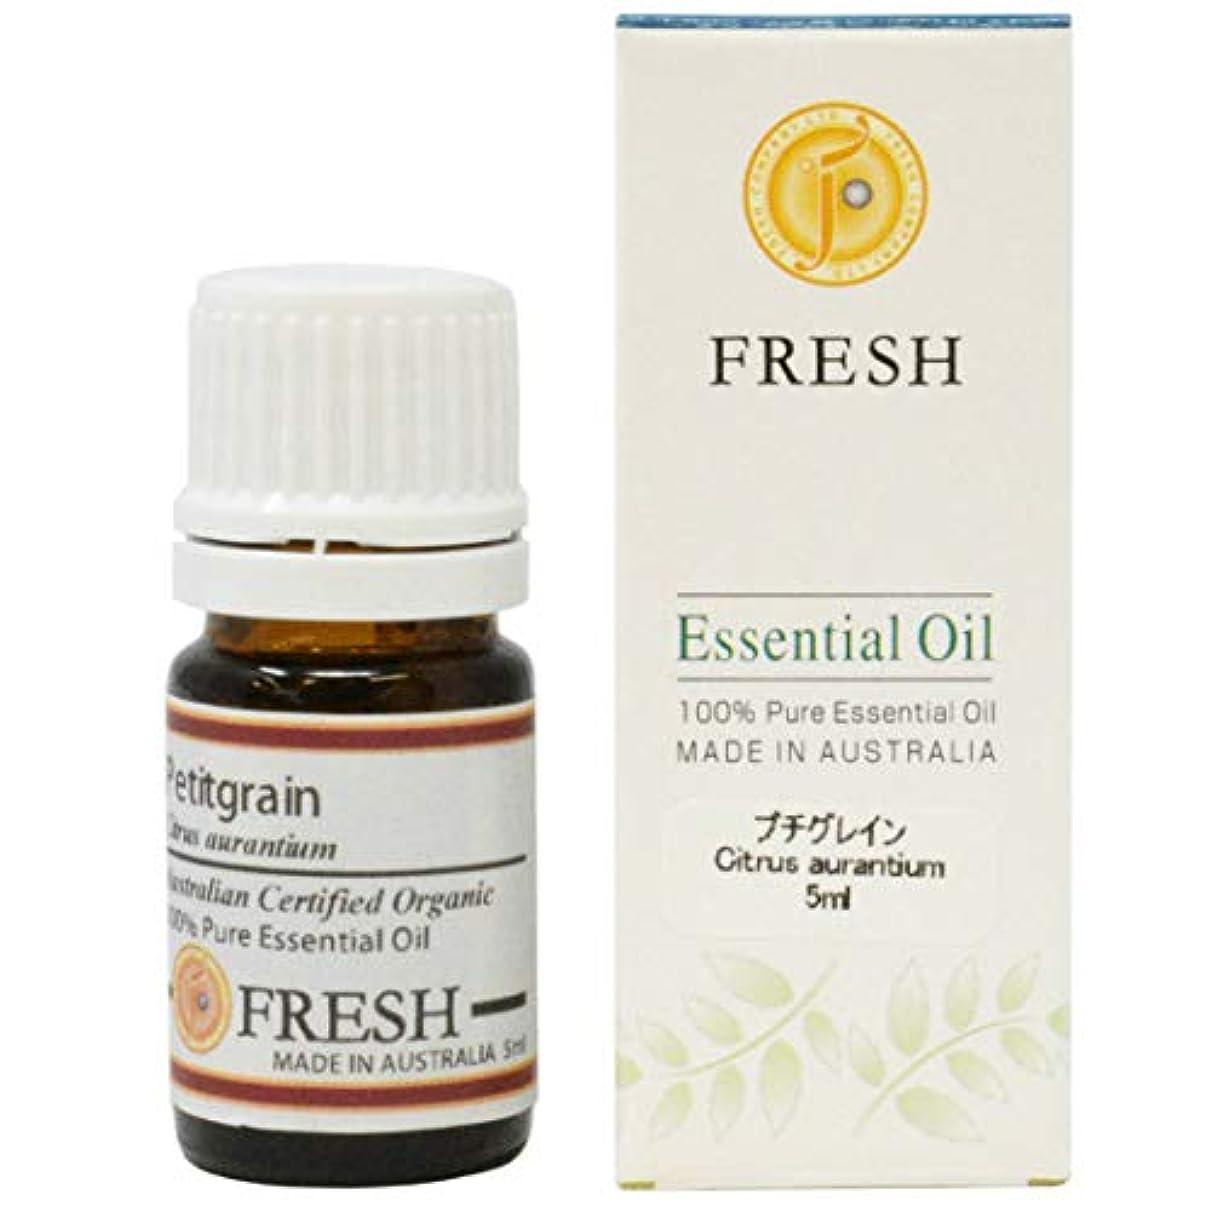 癒すスキニージャーナリストFRESH オーガニック エッセンシャルオイル プチグレイン 5ml (FRESH 精油)